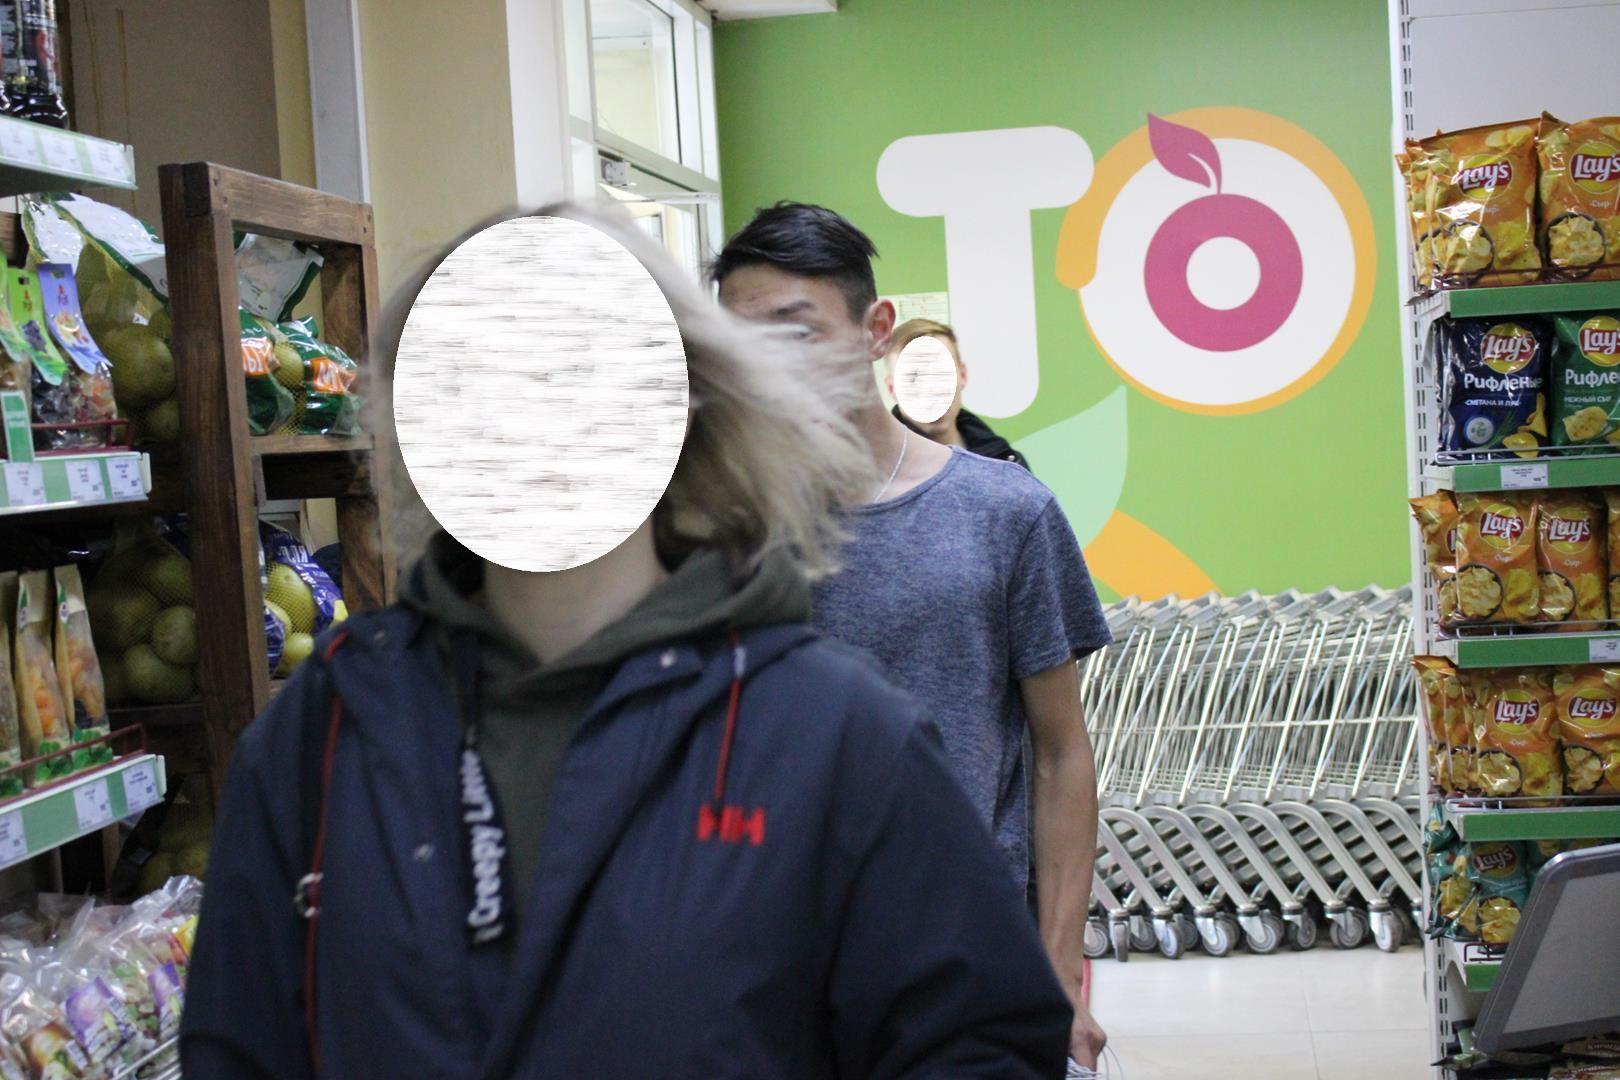 Несколько молодых людей пробегают мимо пункта охраны без масок